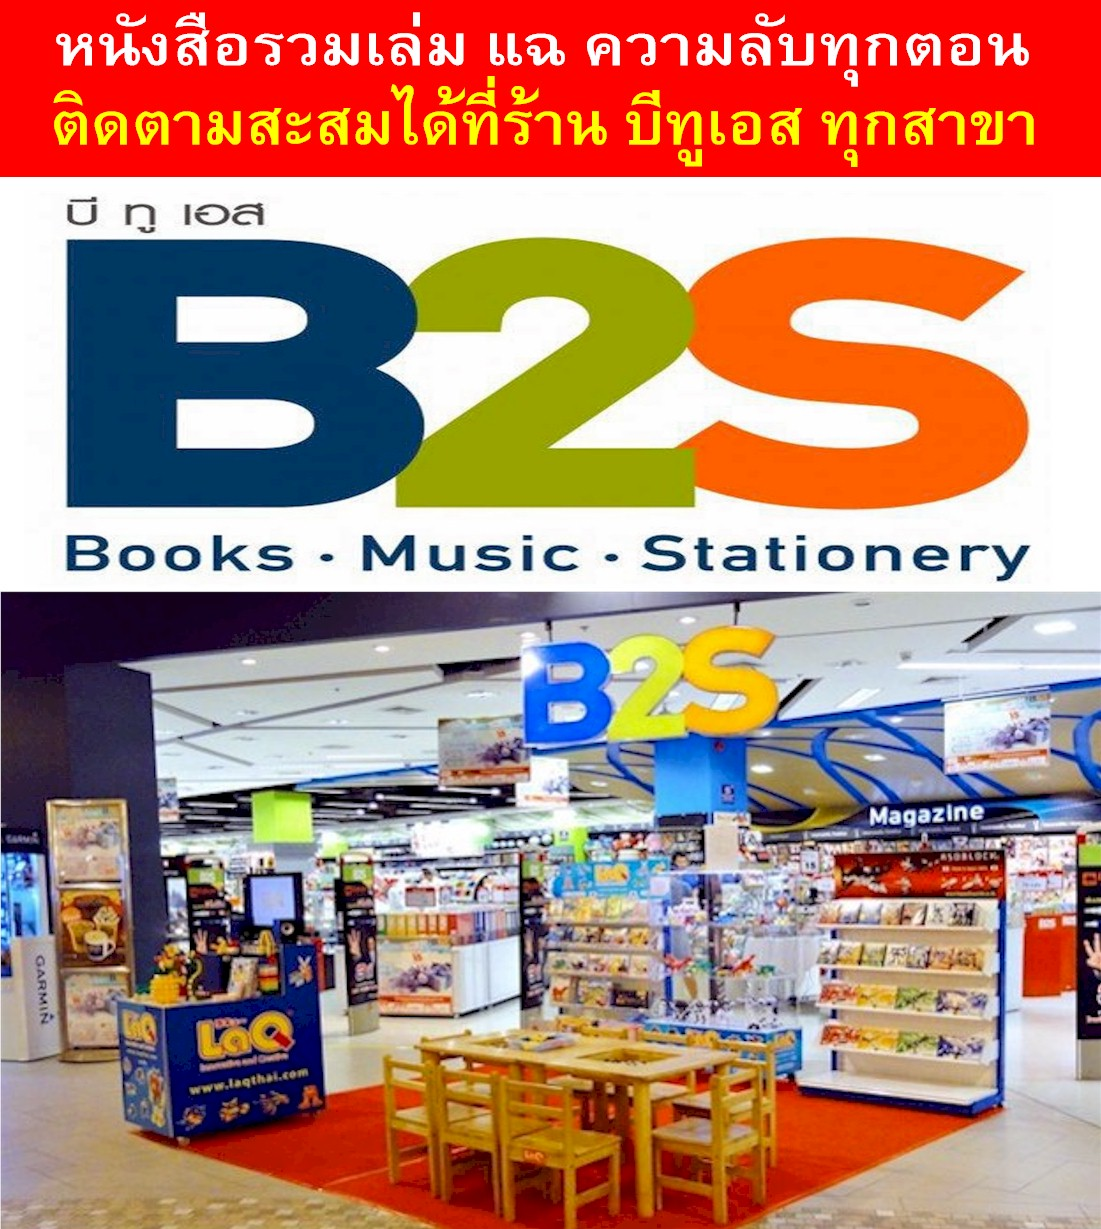 ดูชื่อสาขาร้าน B2S (คลิ๊กที่ภาพ)